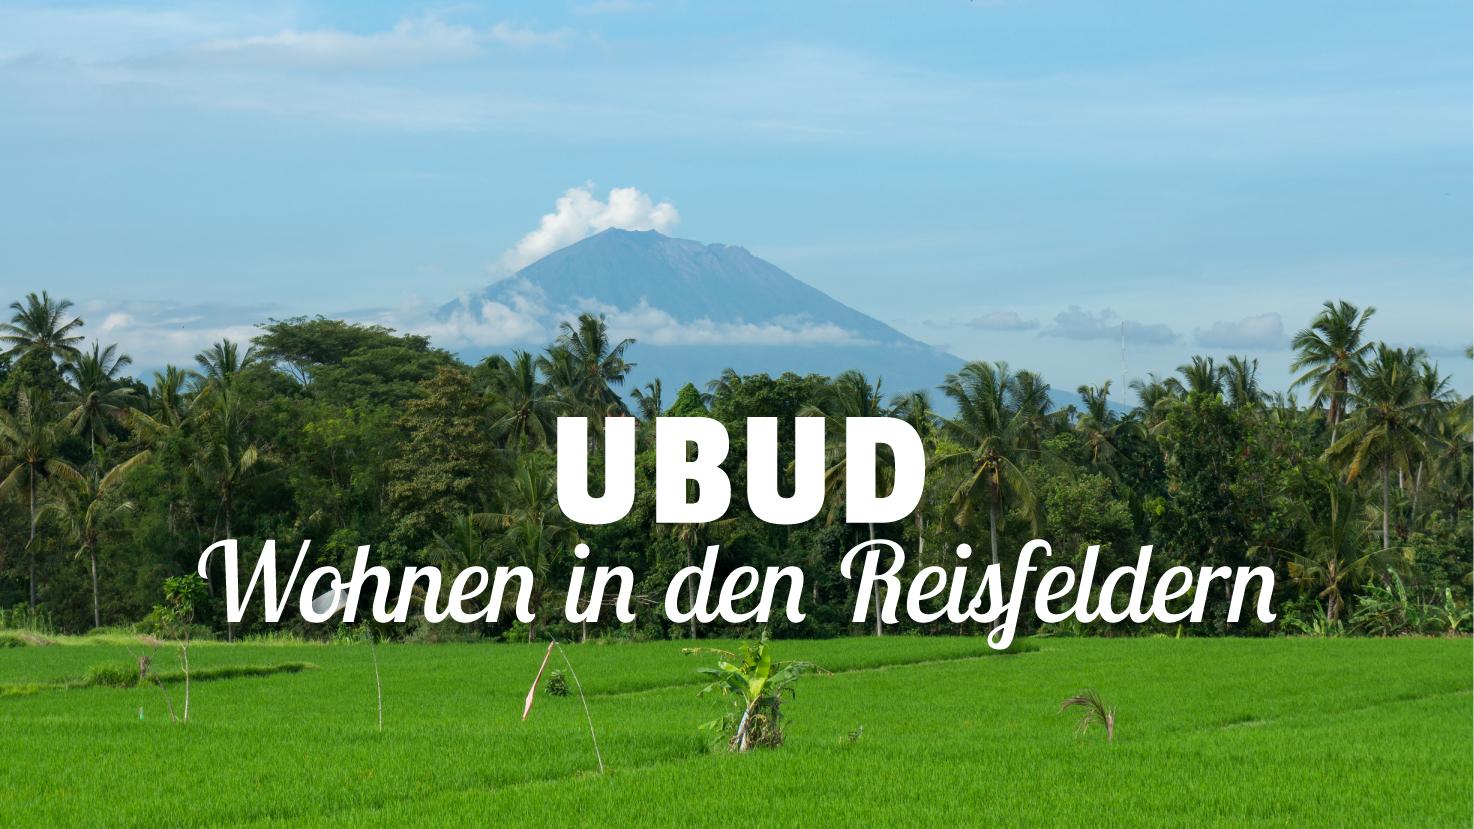 DieWeltEntdecken_Ubud-Wohnen